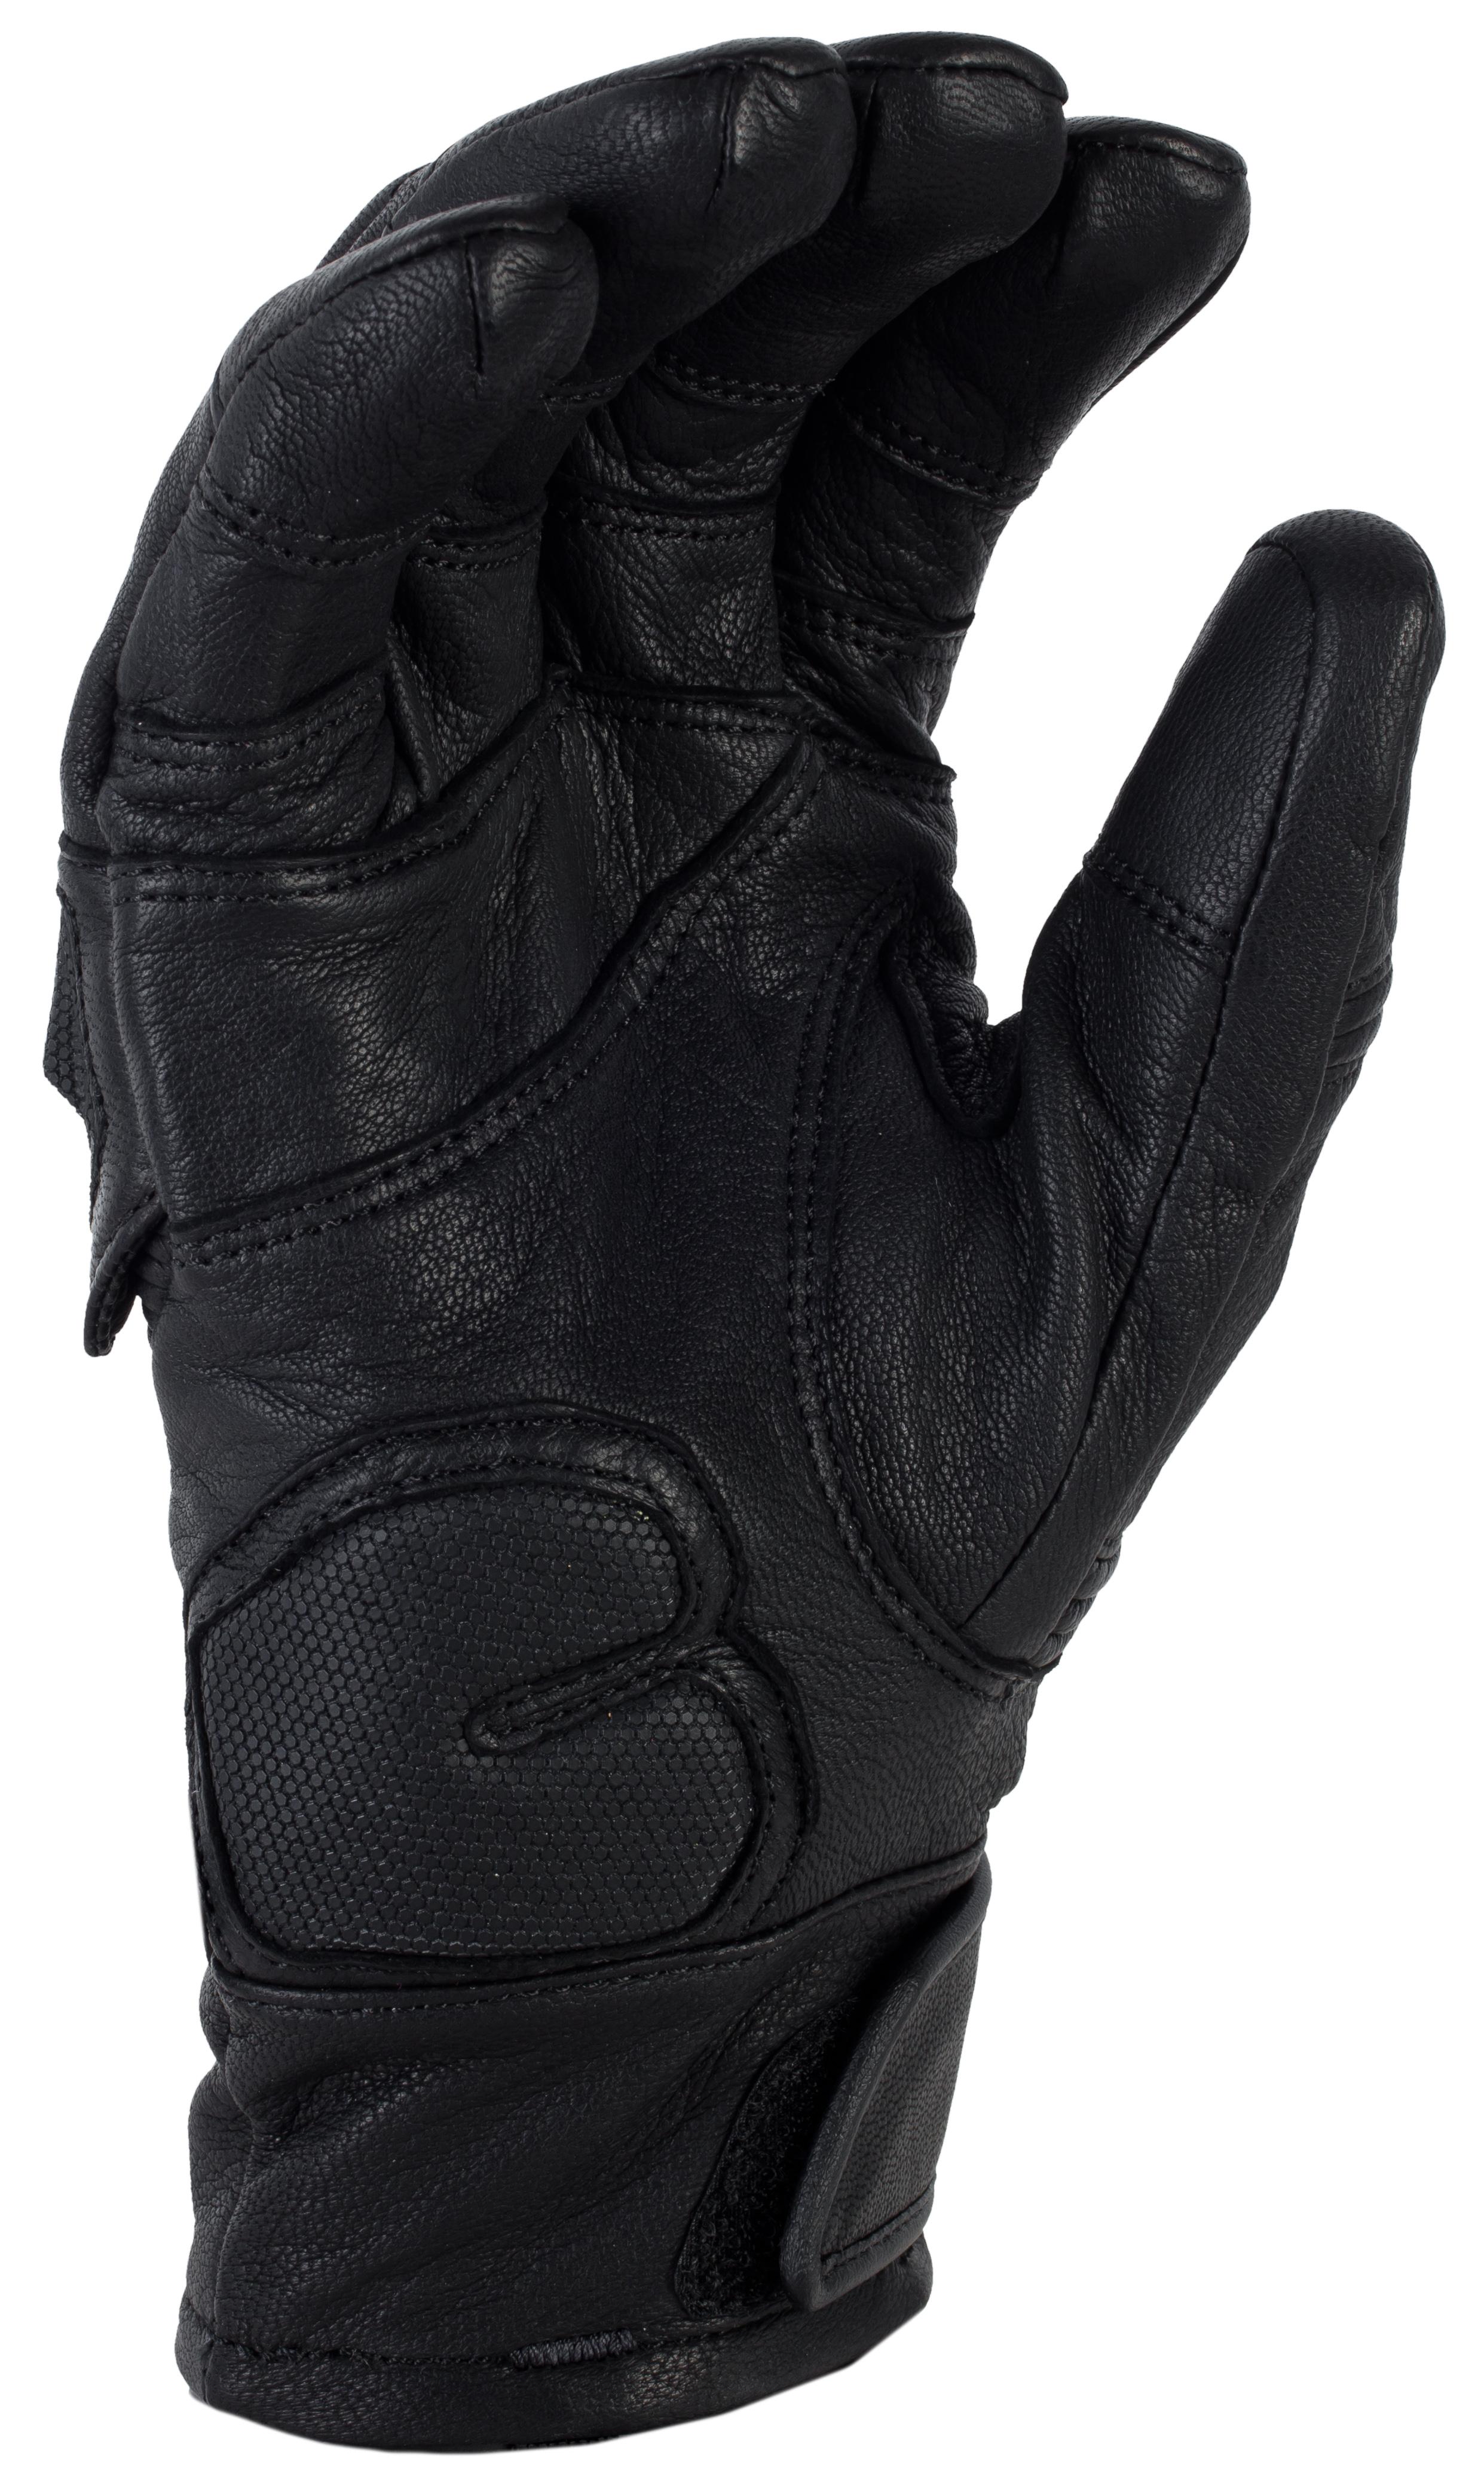 Adventure Glove Short 5031-001-000-B